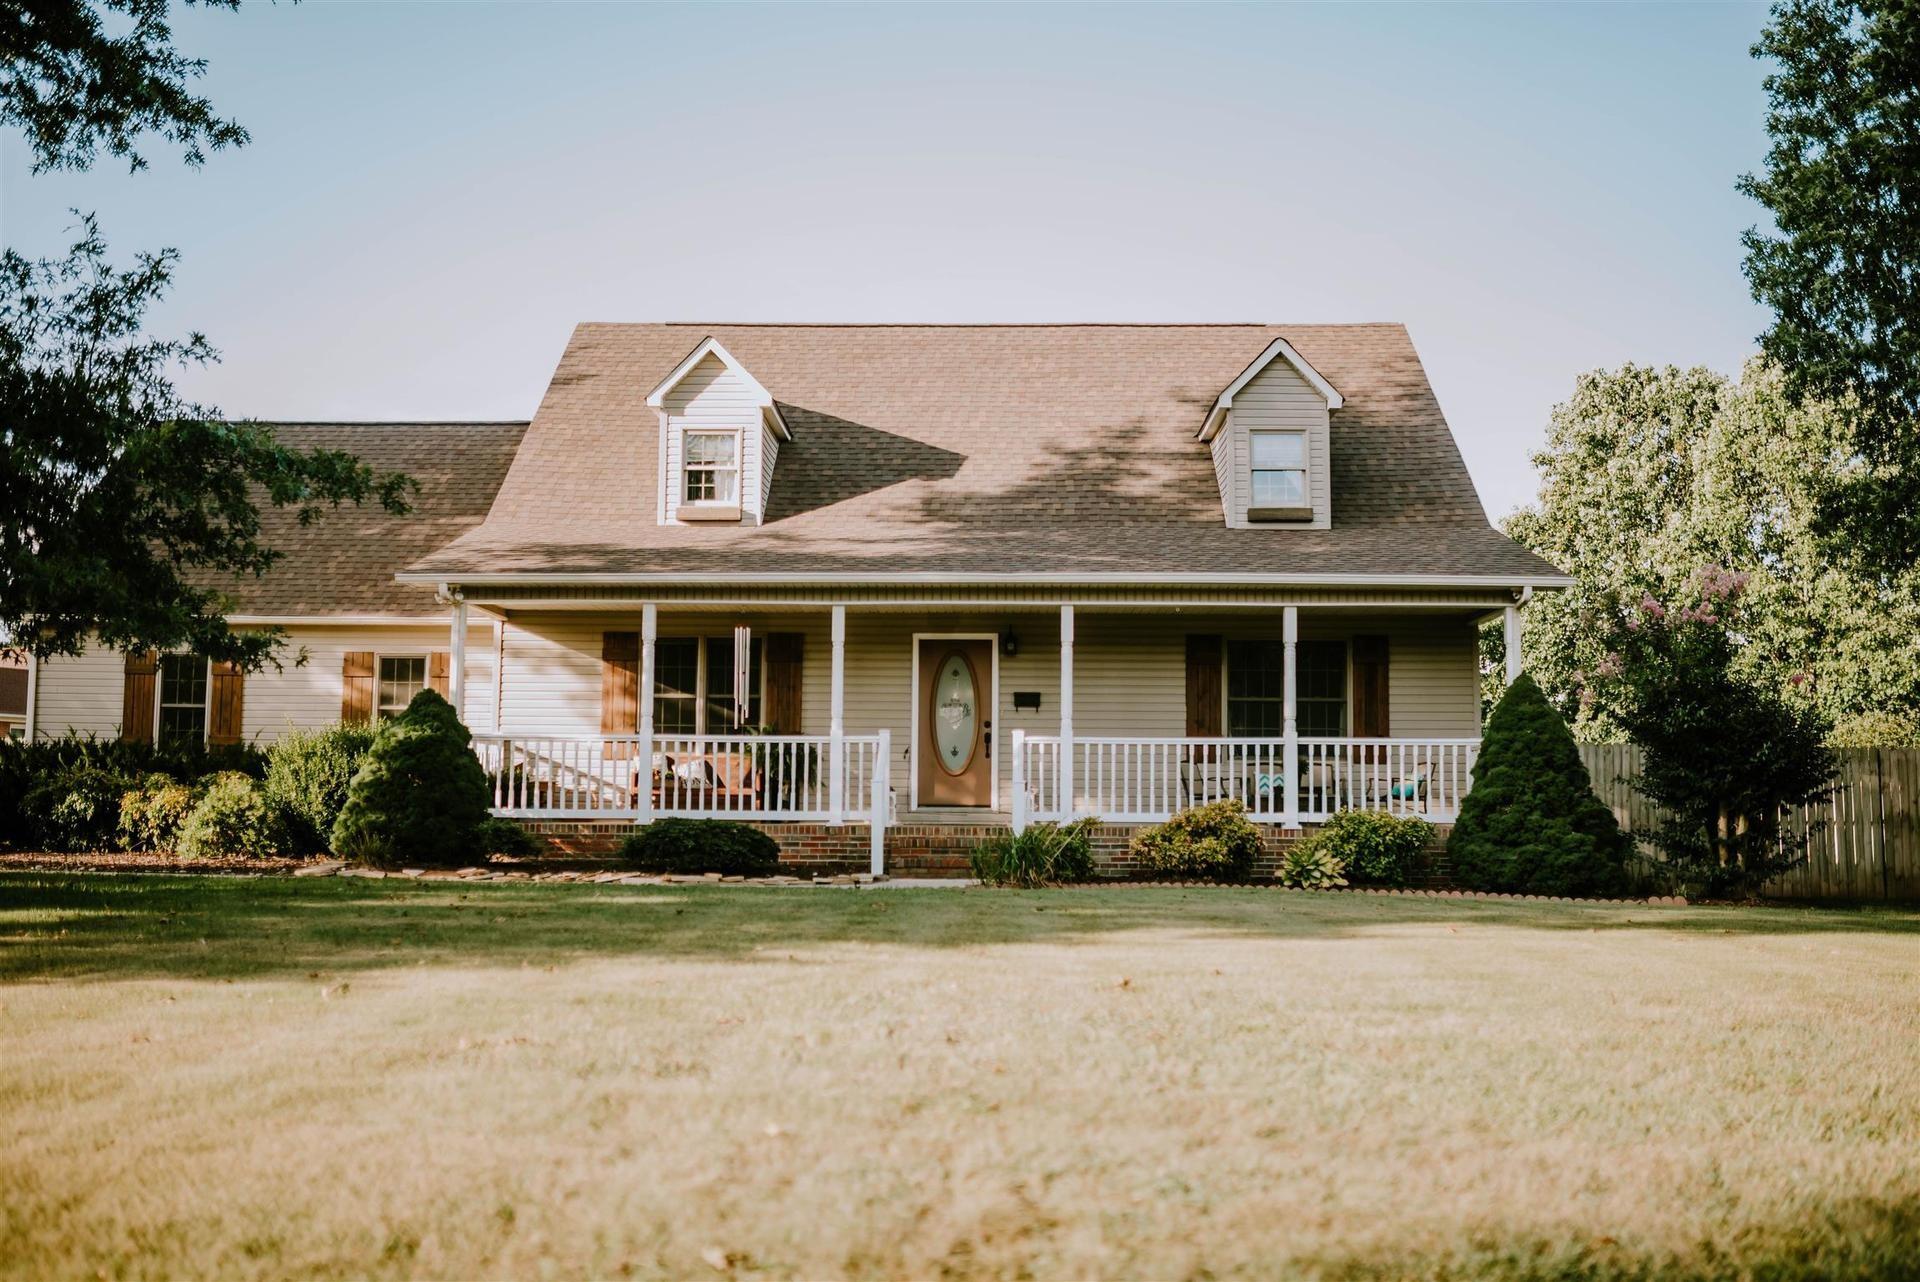 245 Summerset Pl, Estill Springs, TN 37330 - Estill Springs, TN real estate listing